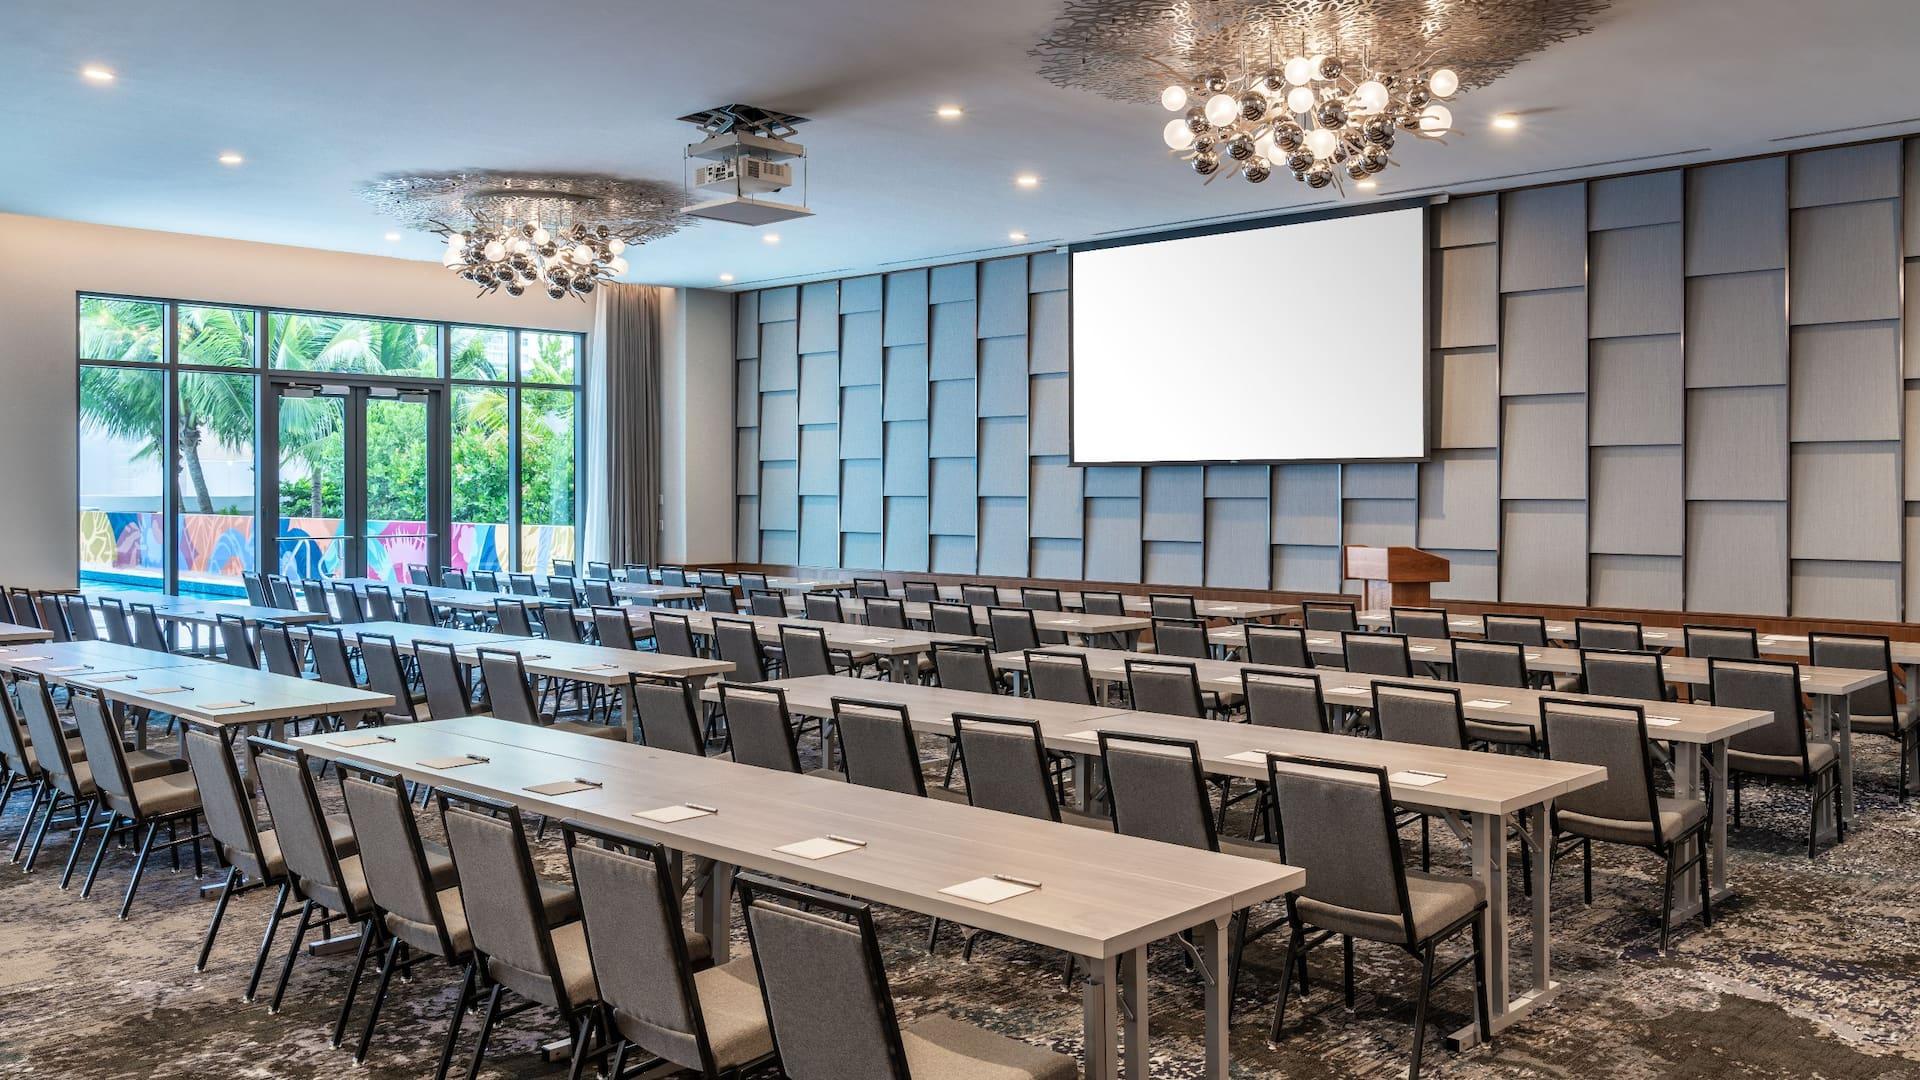 Hotel Conference Room Setup